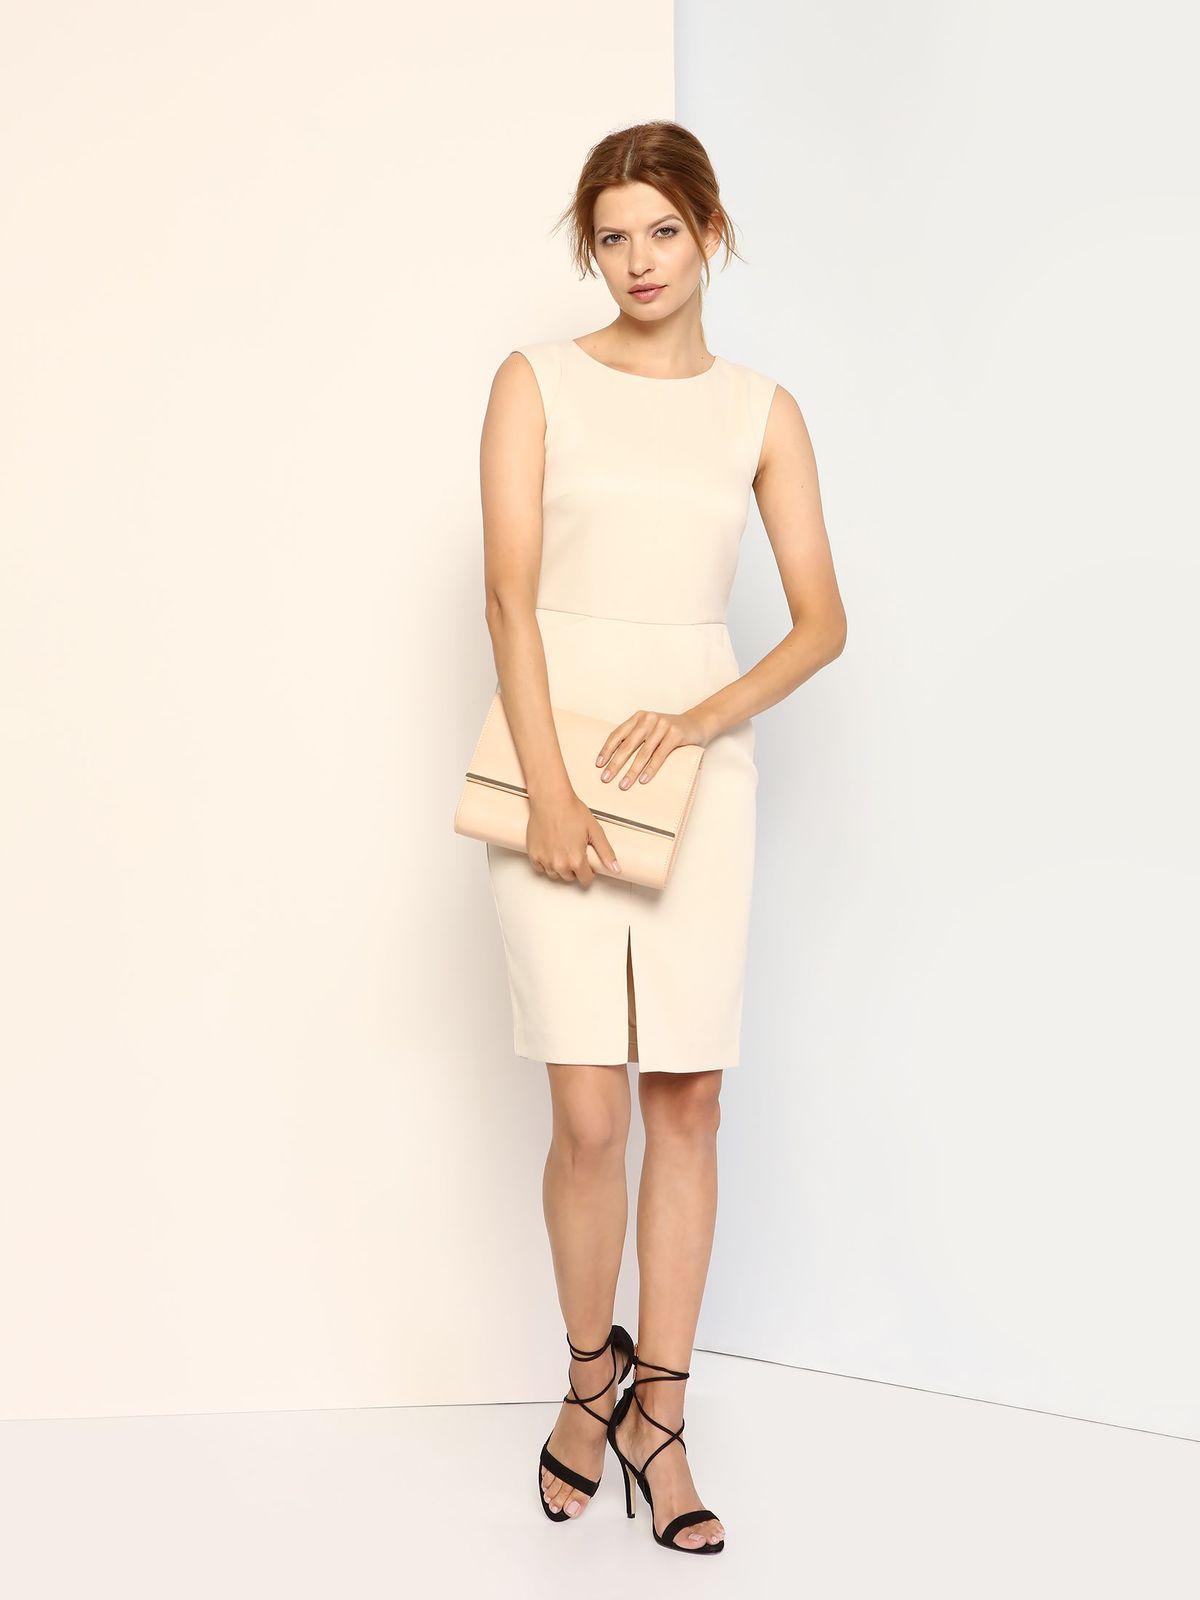 Платье Top Secret, цвет: светло-бежевый. SSU1622KR. Размер 34 (40)SSU1622KRПлатье Top Secret выполнено из полиэстера с добавлением эластана и дополнено подкладкой из 100% полиэстера. Платье-миди с круглым вырезом горловины застегивается на потайную застежку-молнию расположенную в среднем шве спинки. Перед модели дополнен двумя втачными карманами и небольшим разрезом.